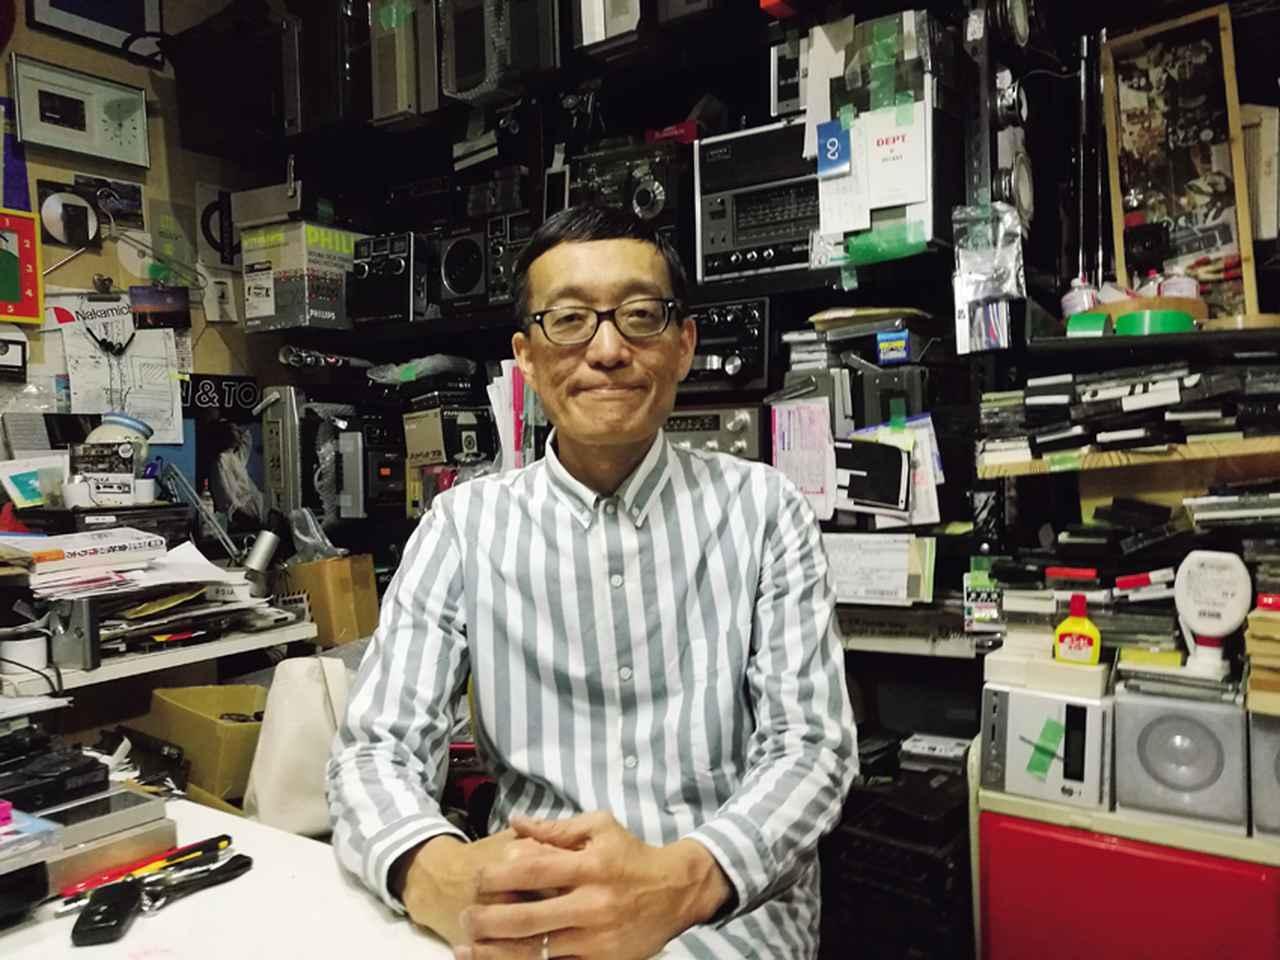 画像: 松崎順一:ラジカセを中心にレトロ家電の発掘、蒐集、整備、販売を行うデザインアンダーグラウンドを主宰。著書は「ラジカセのデザイン!」(立東舎)など。